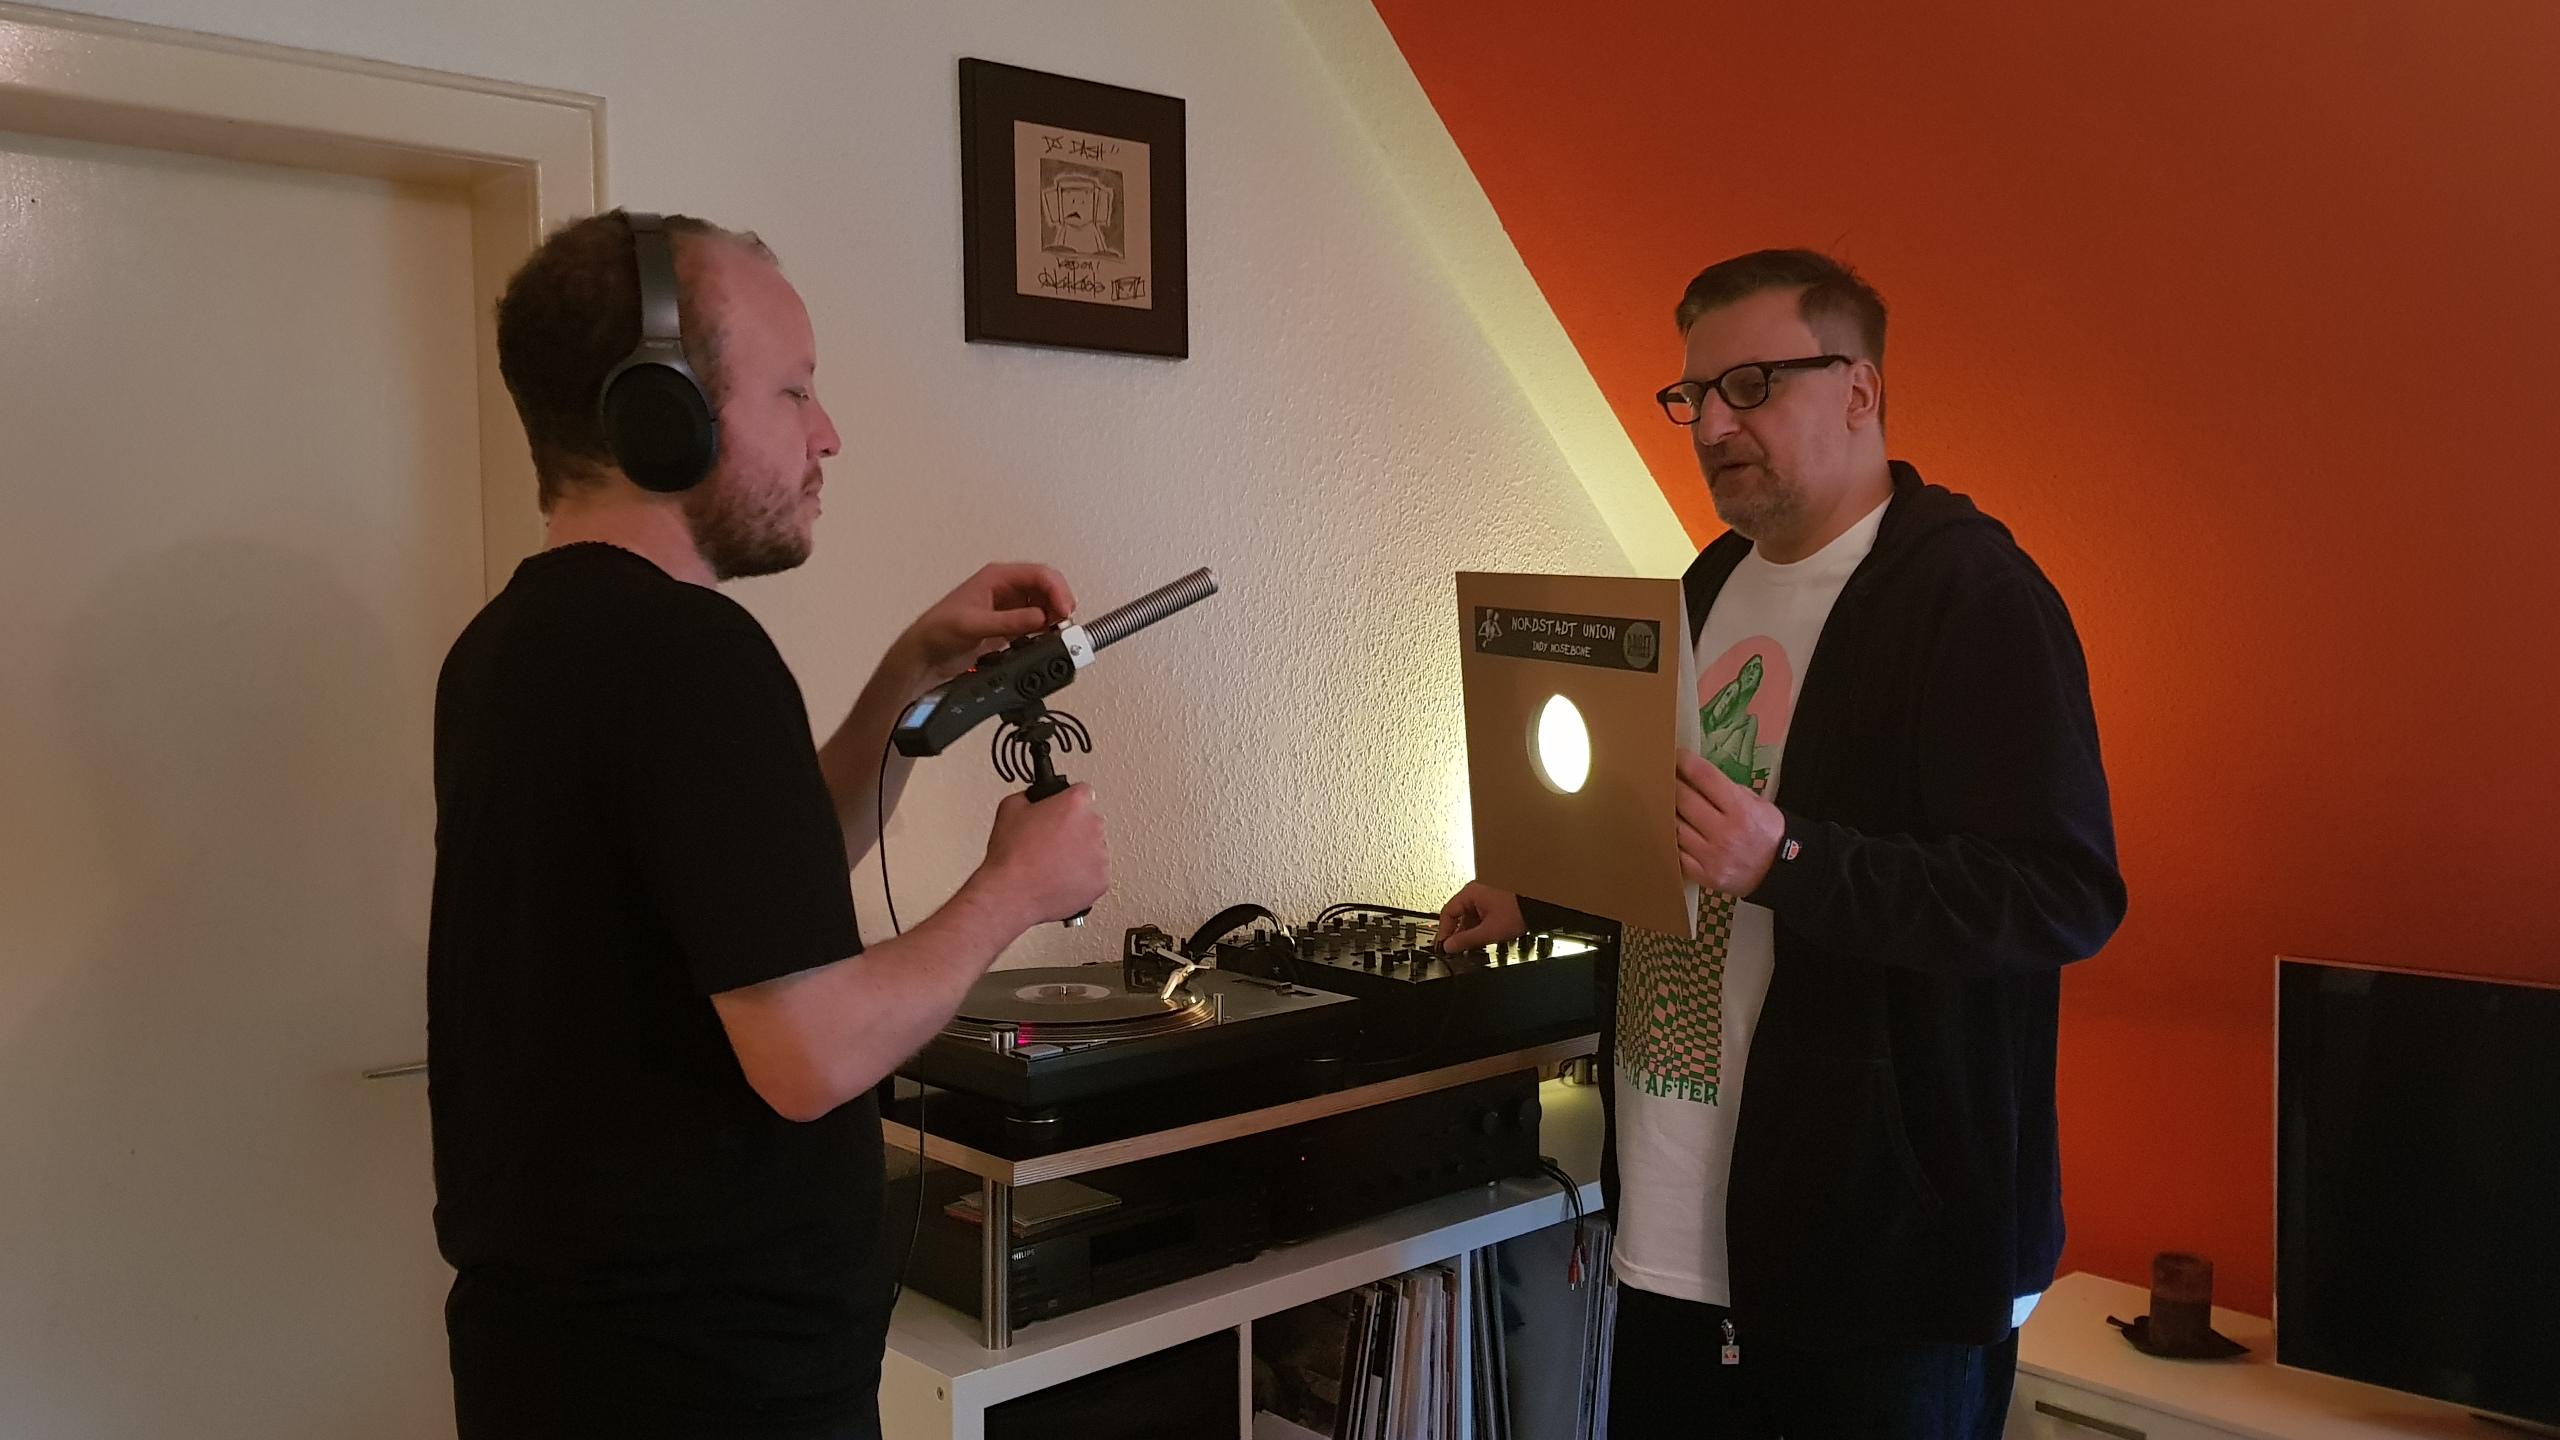 Bilder_atc_artikel_Dash im Interview_nordstadt cover_ruhr dingjpg